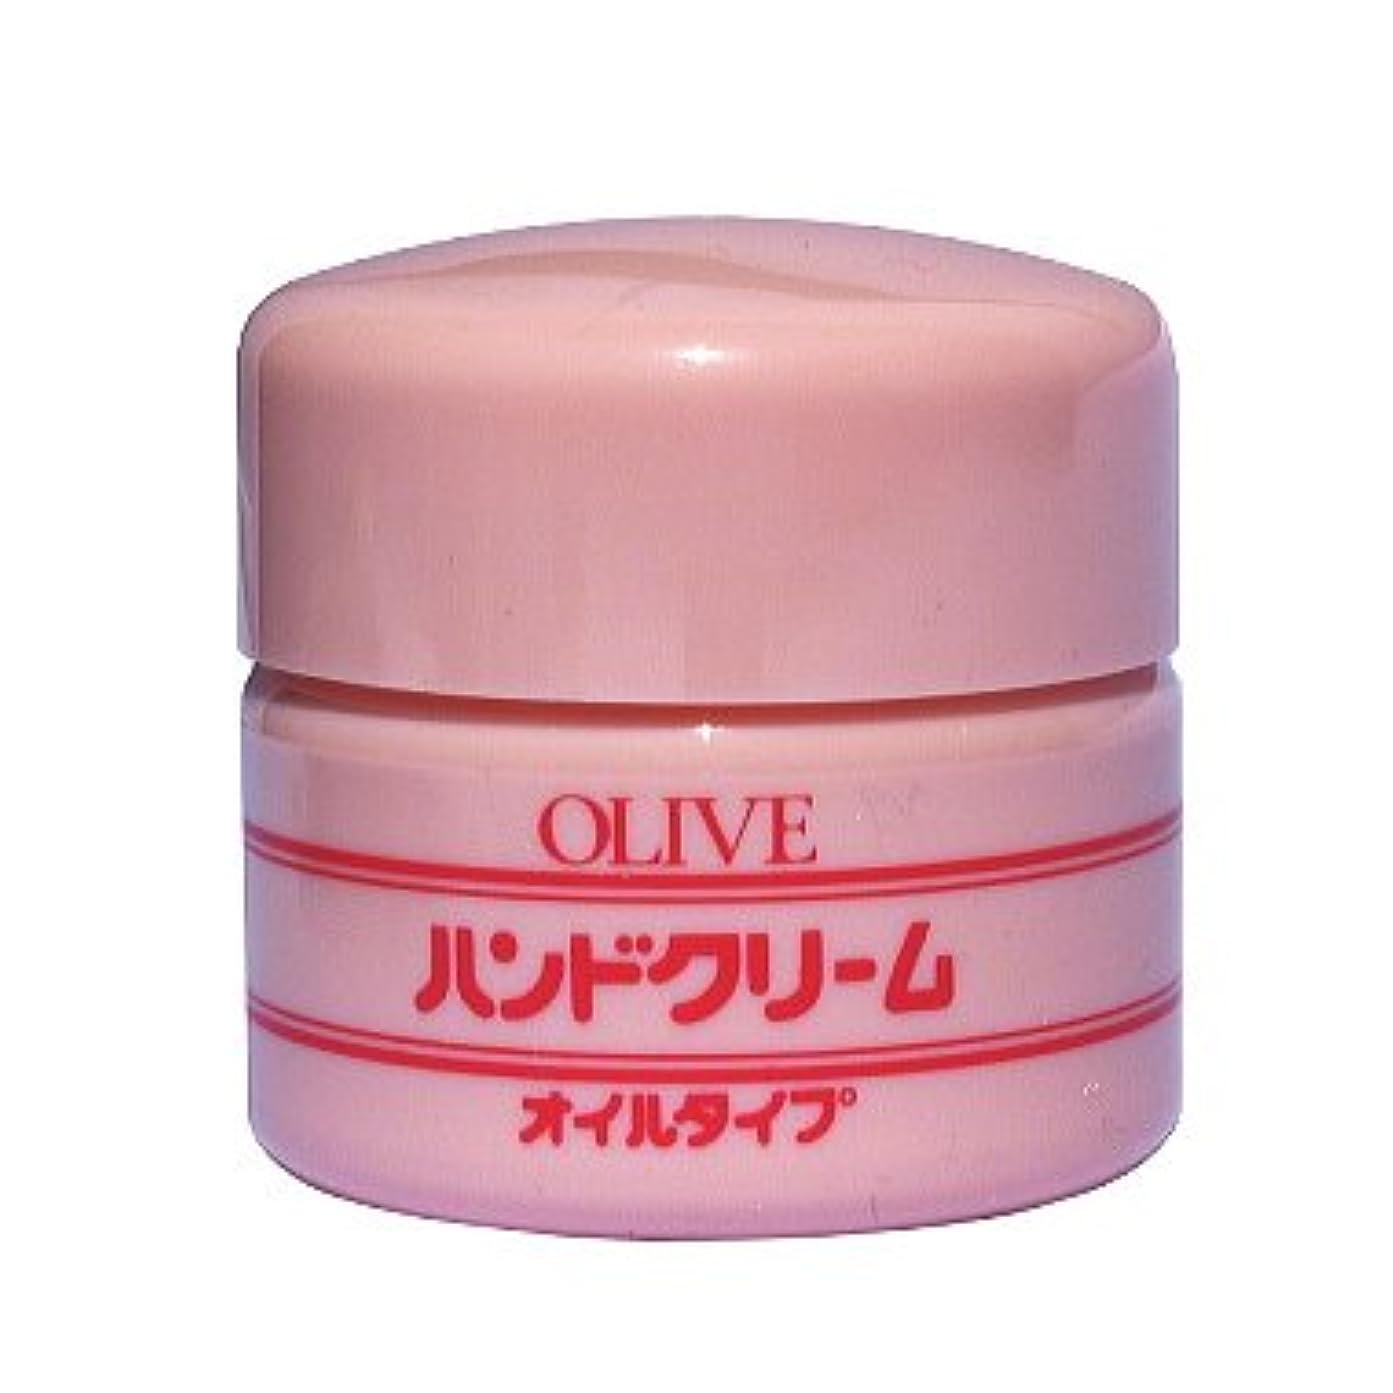 持つ反対した混雑鈴虫化粧品 オリーブハンドクリーム(オイルタイプ/容器タイプ)53g